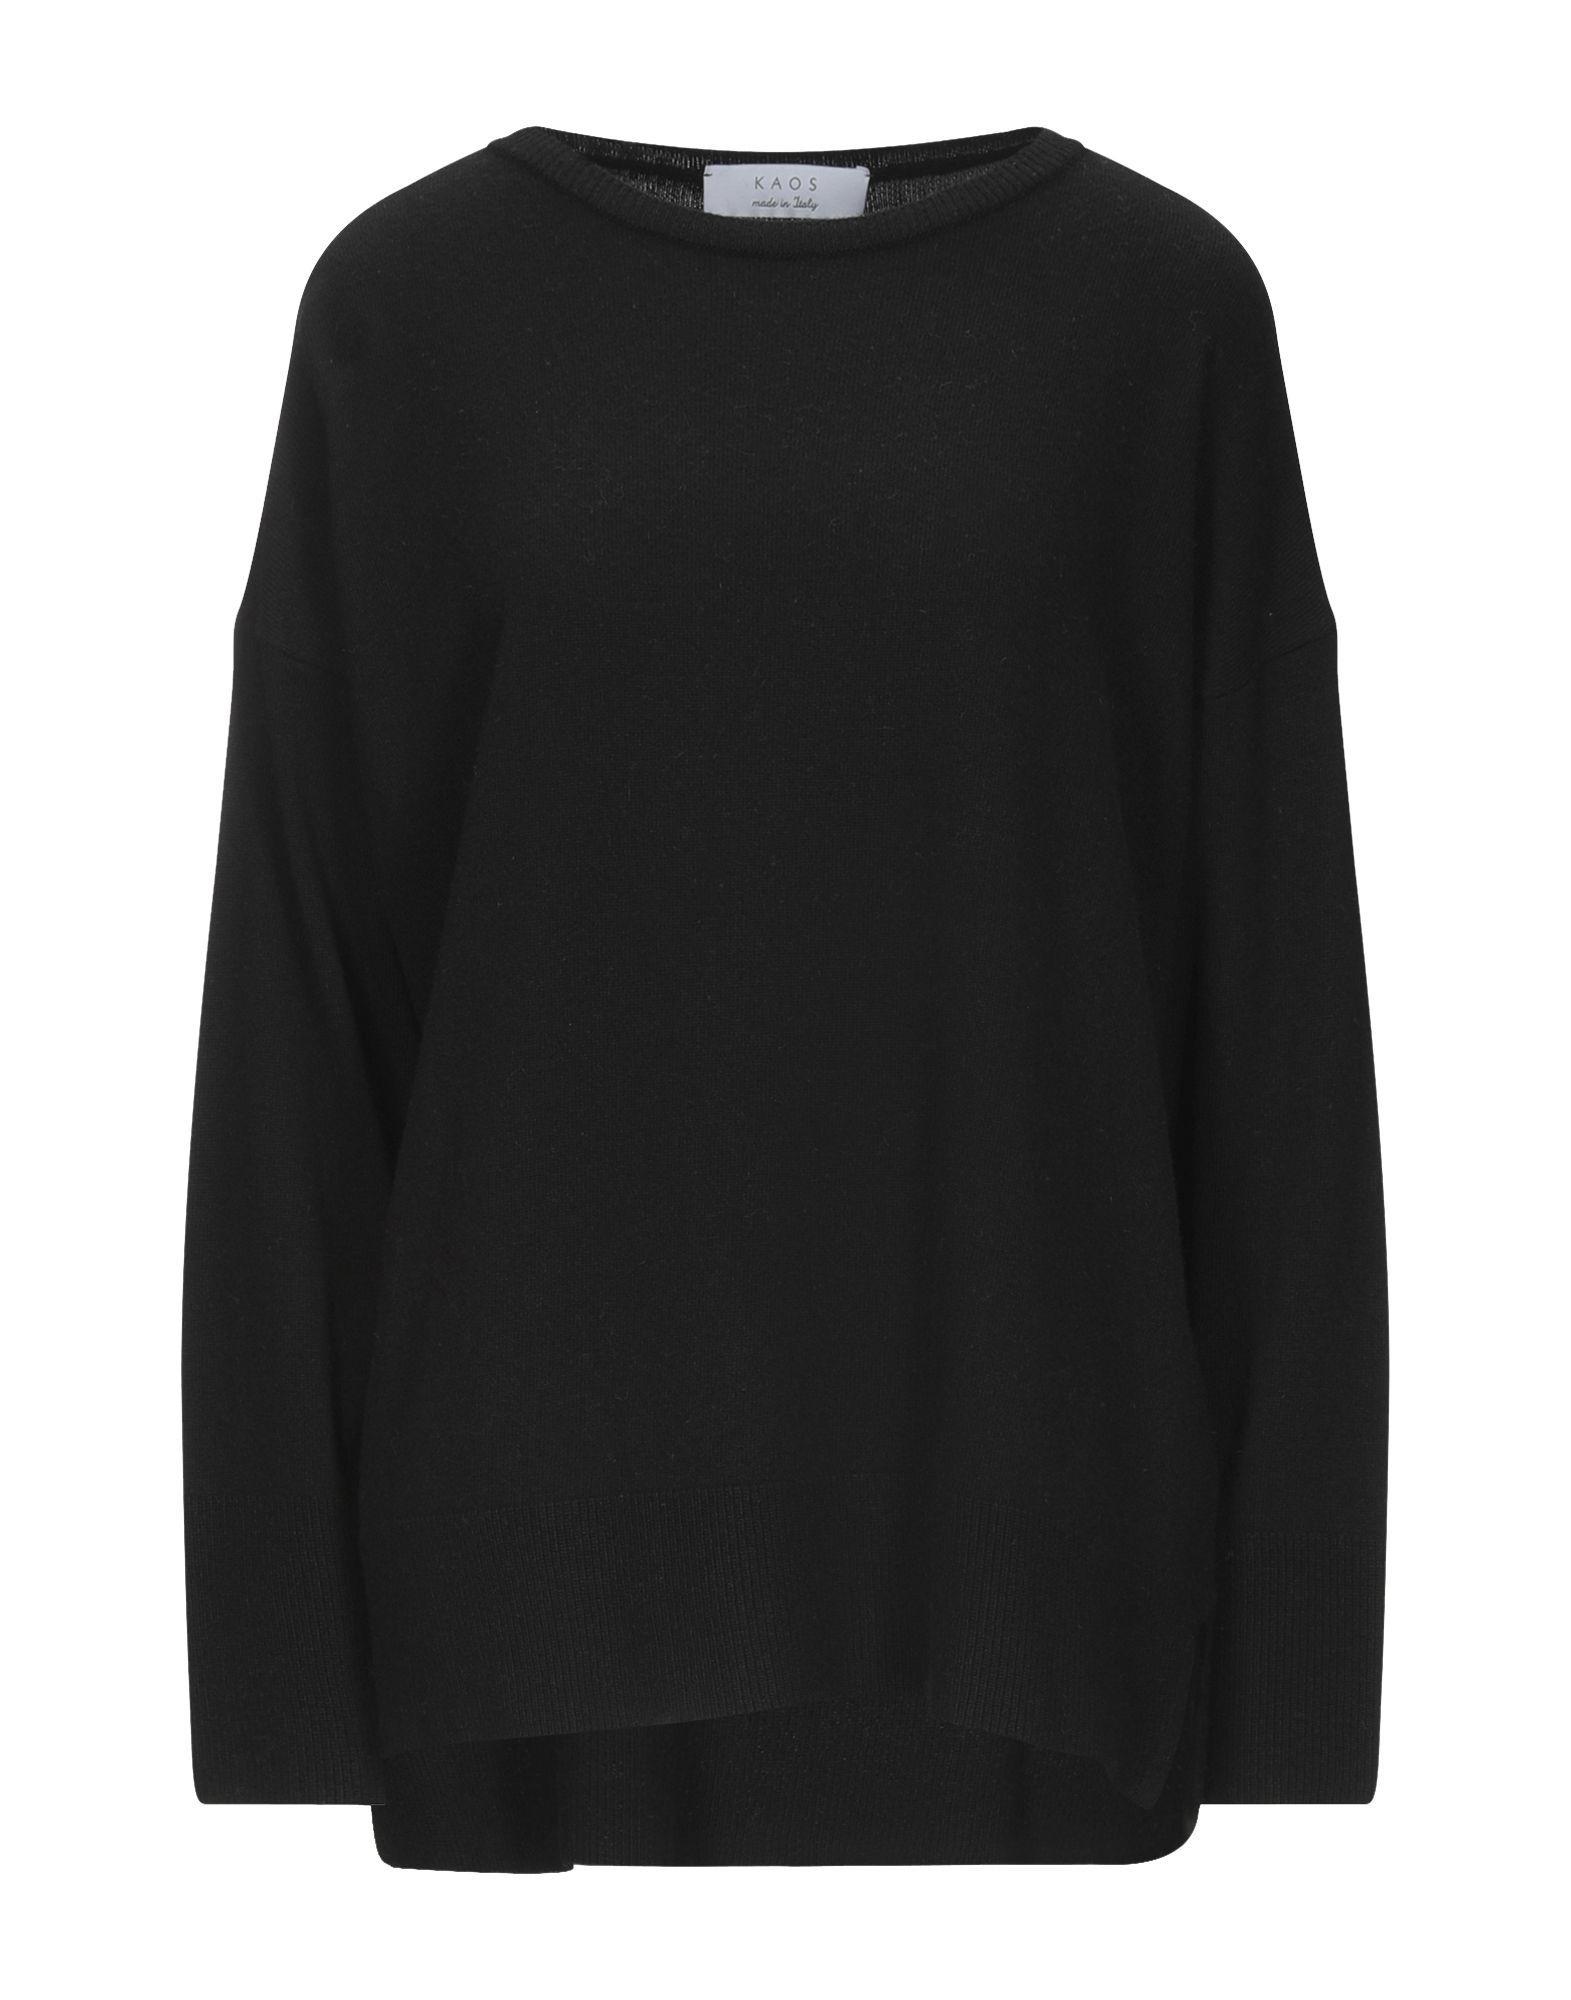 Kaos Black Lightweight Knit Jumper